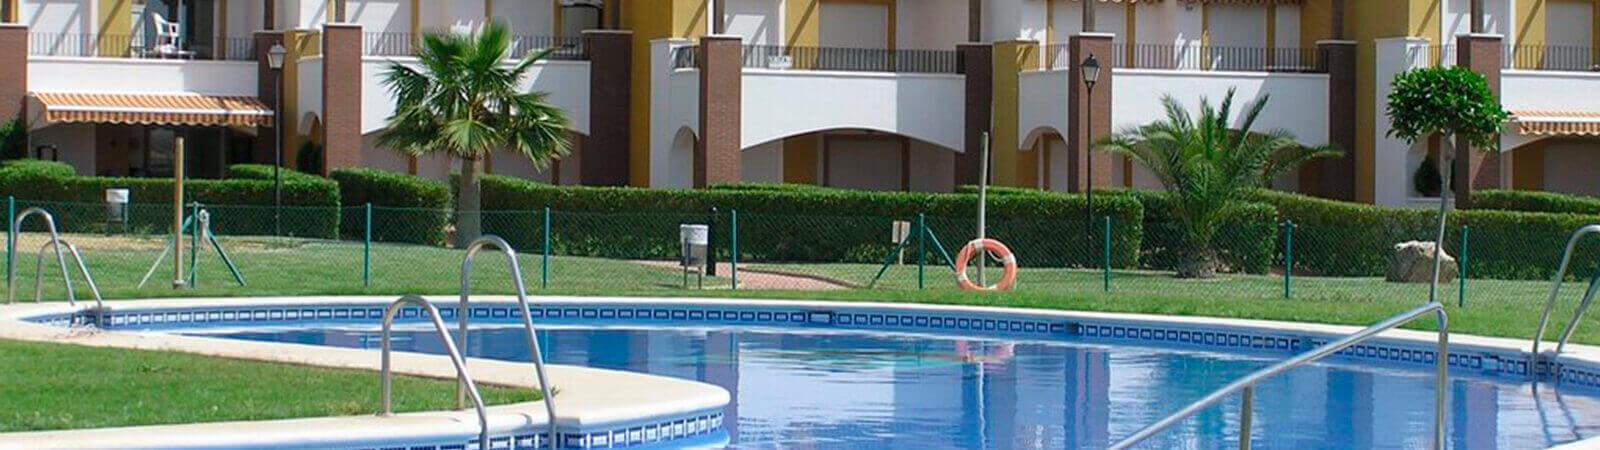 Piscina y zonas comunes, comunidad de propietarios Marbella